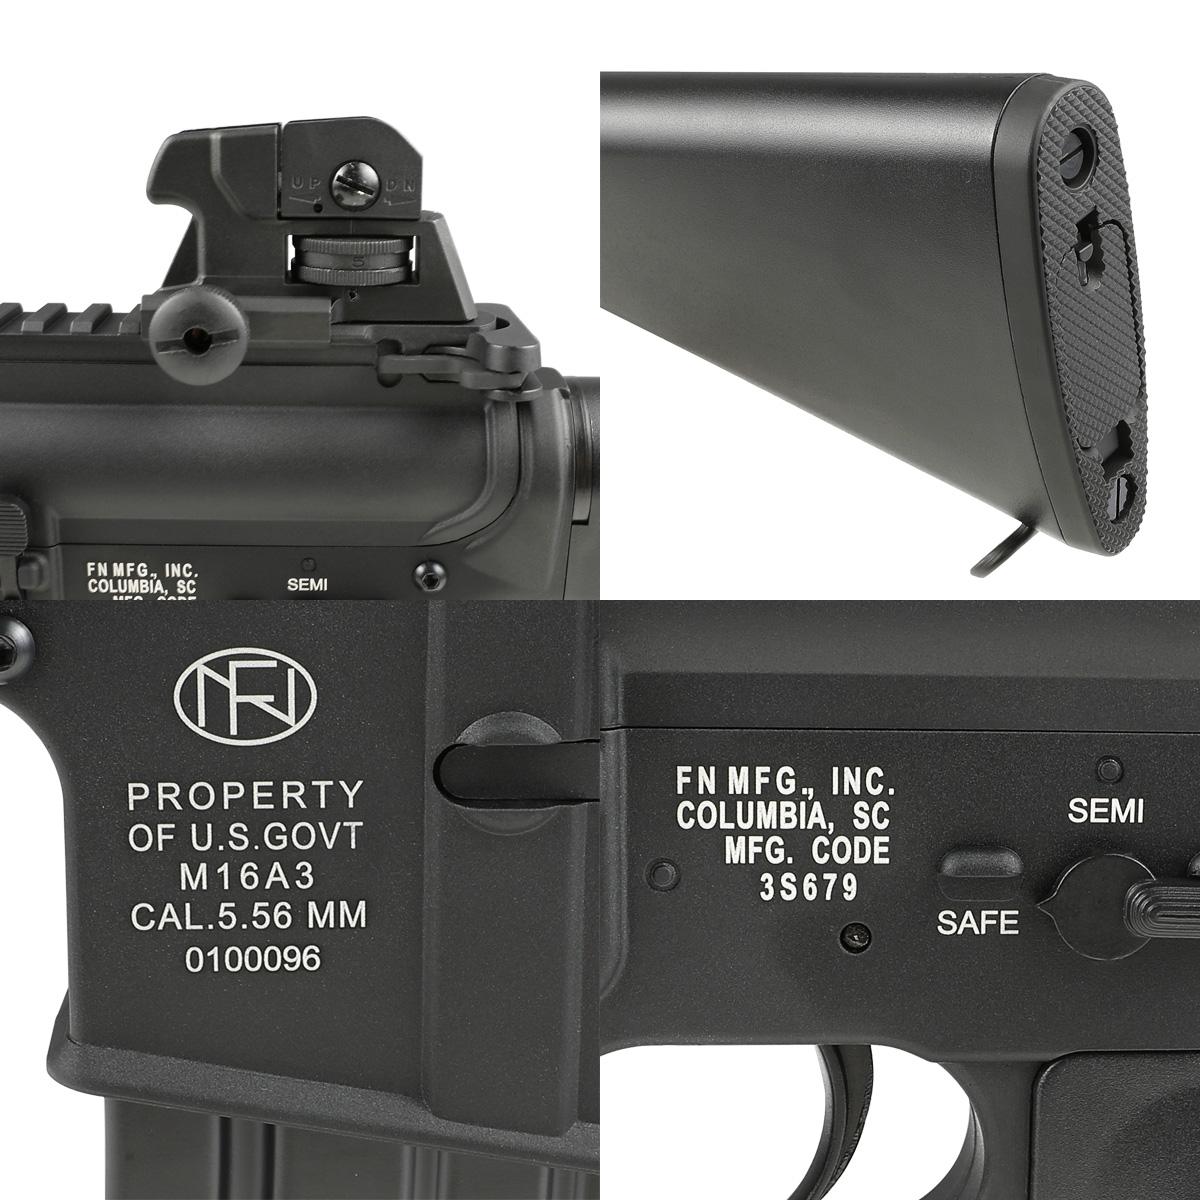 【同梱不可】 SRC FN M16A3 フルメタル電動ガン NV (FN Marking JP Ver.) 【配送業者:佐川急便限定】